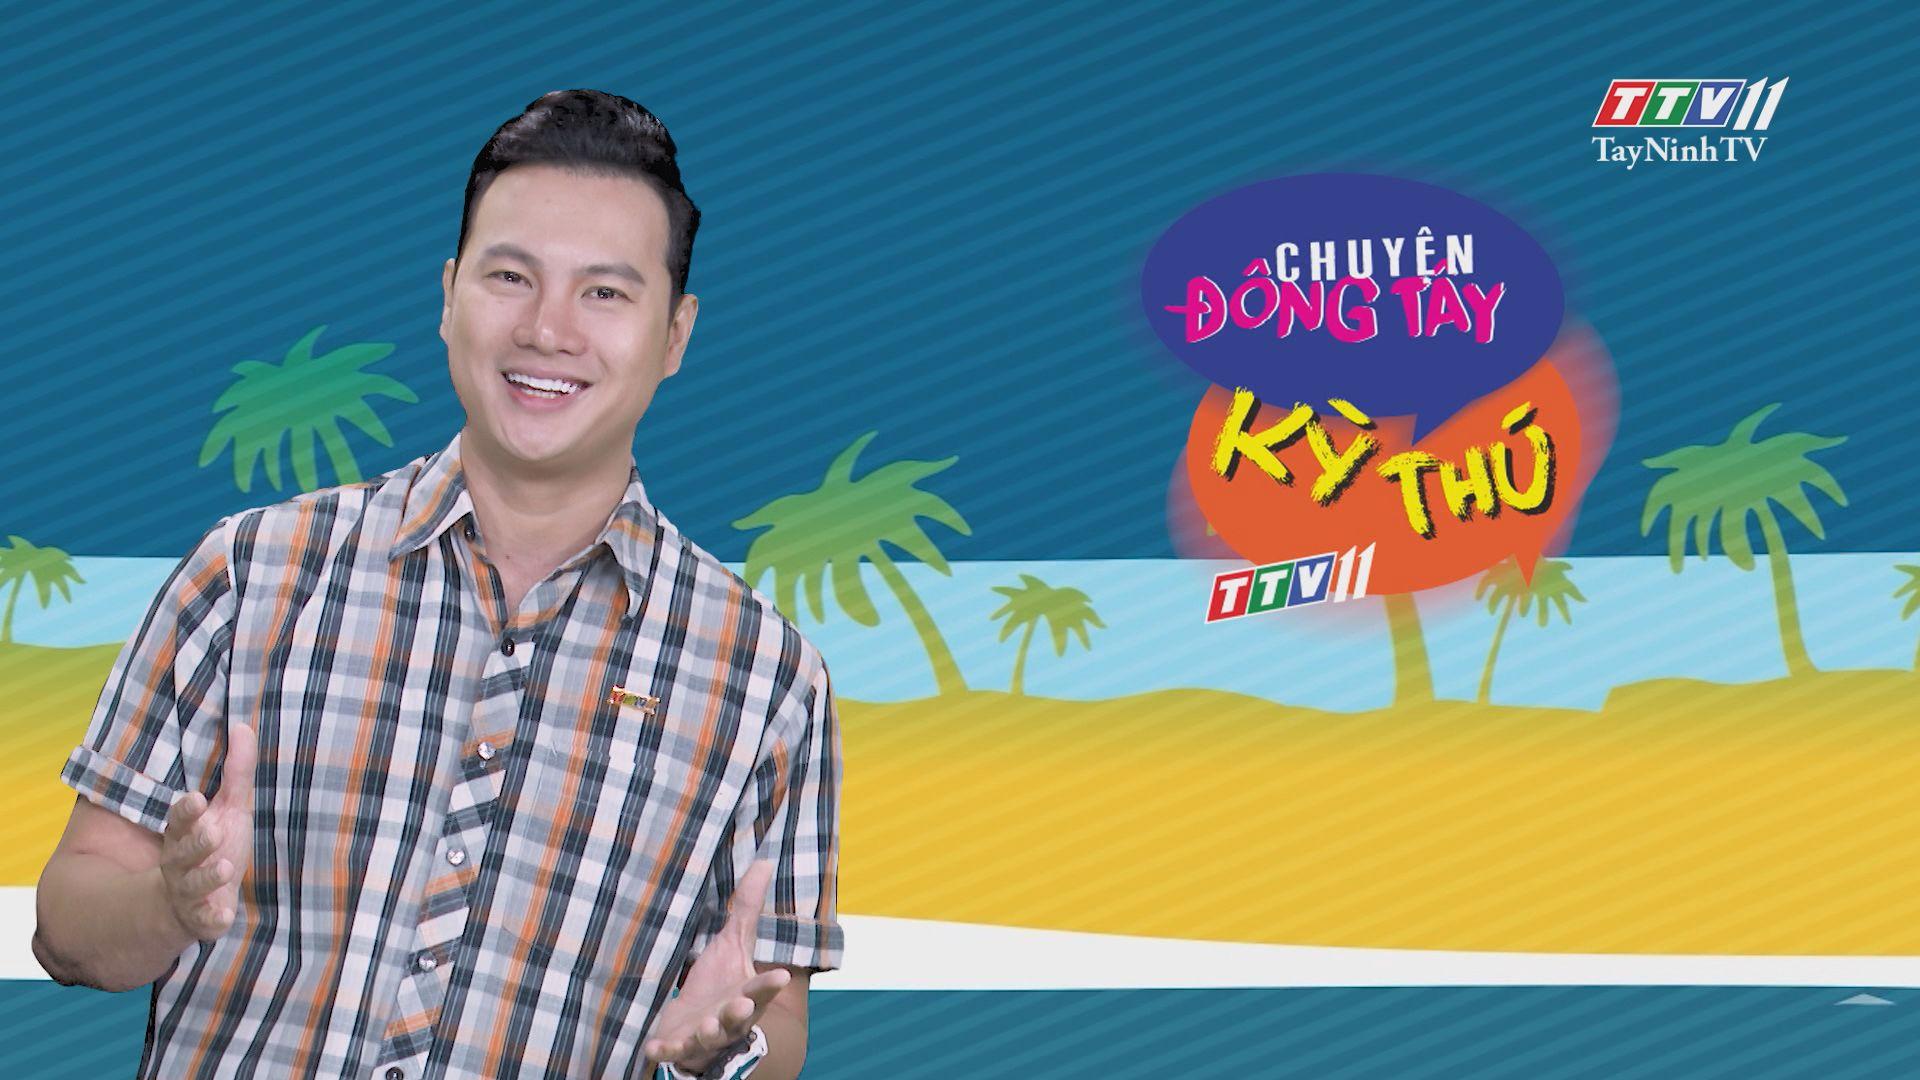 Chuyện Đông Tây Kỳ Thú 25-7-2020 | TayNinhTV